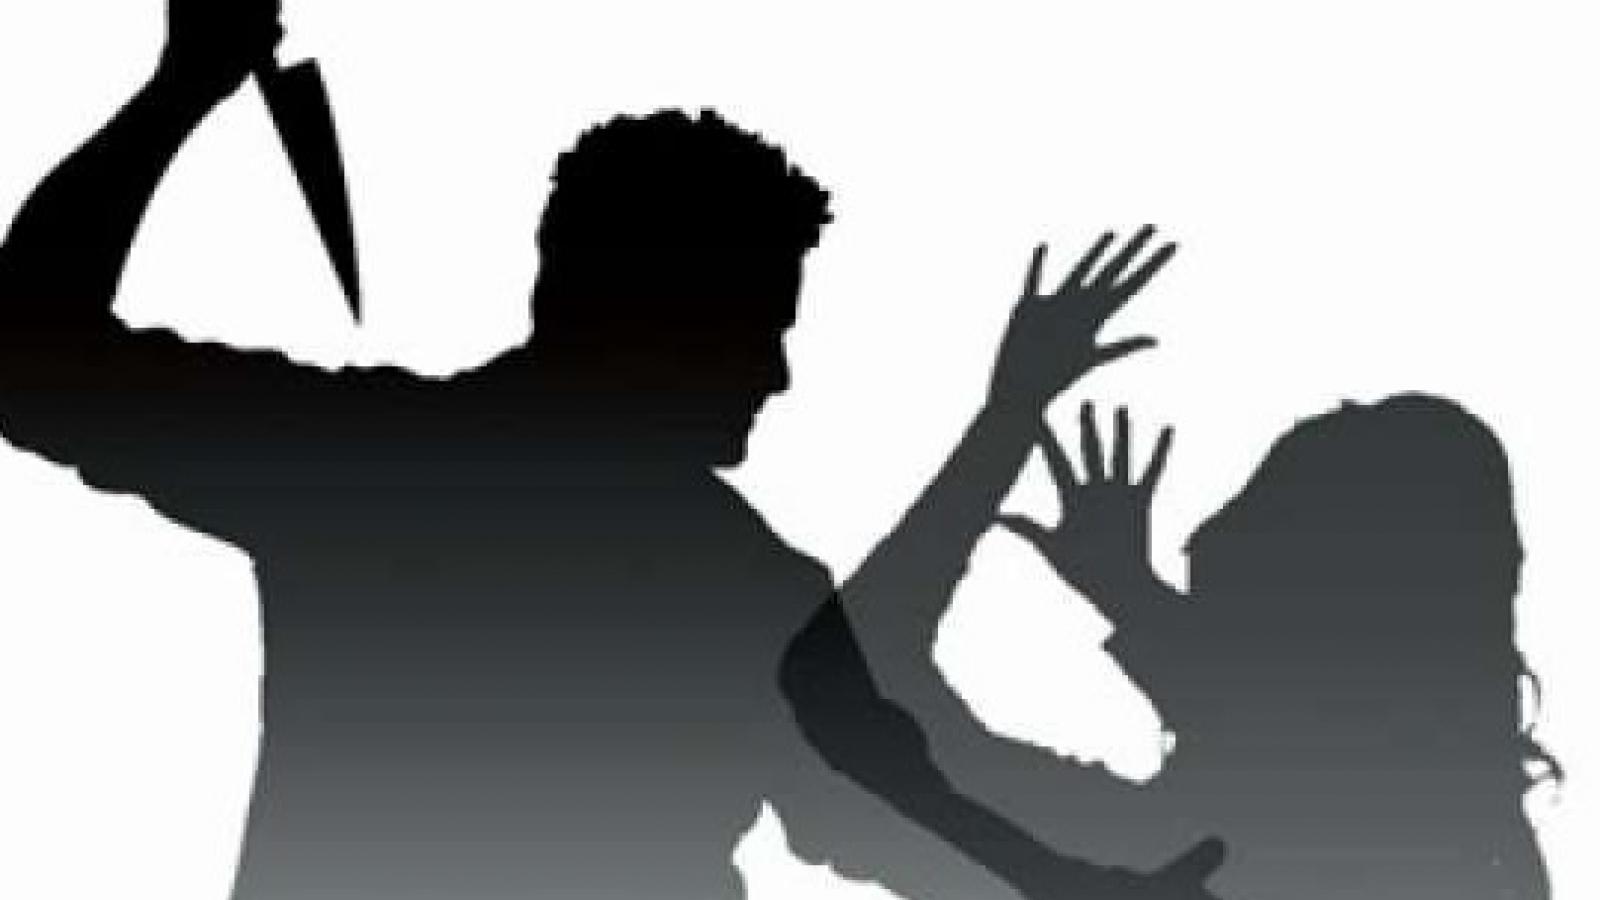 Đâm chết vợ ngay tại nhà cha mẹ vợ